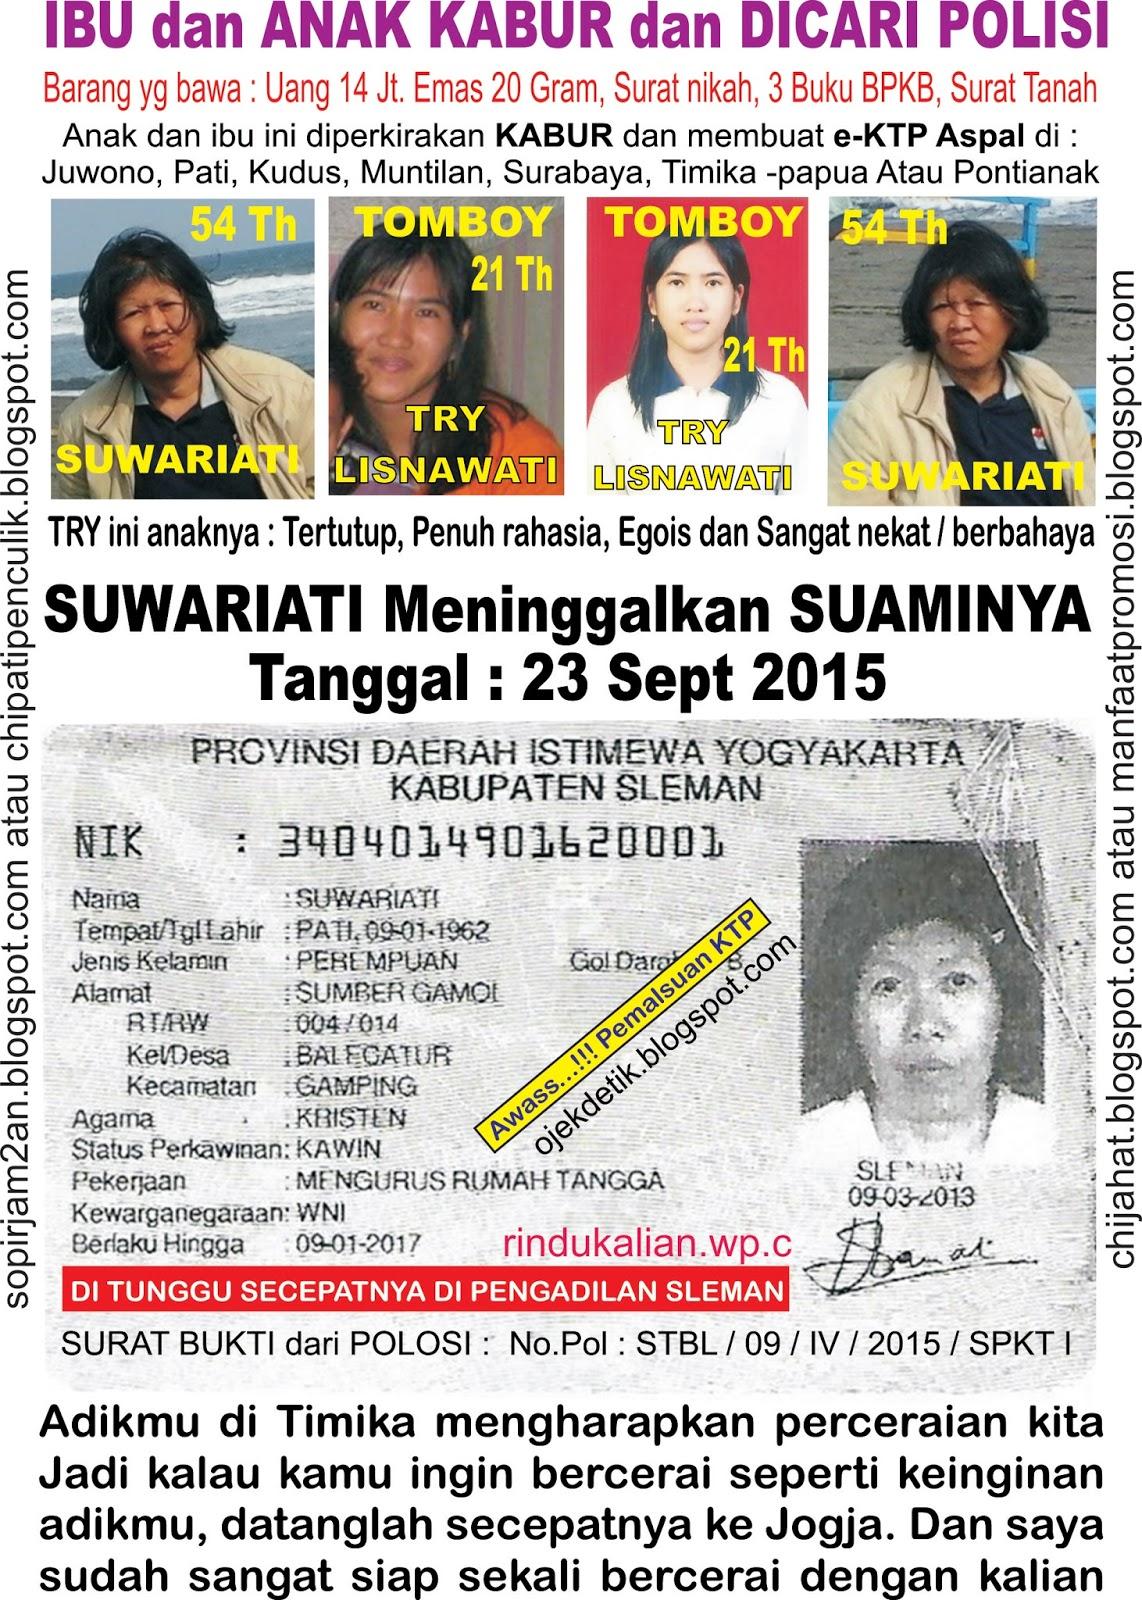 Jakarta Bandung Surabaya Semarang Yogyakarta Malang Gresik Surakarta Cimahi Magelang